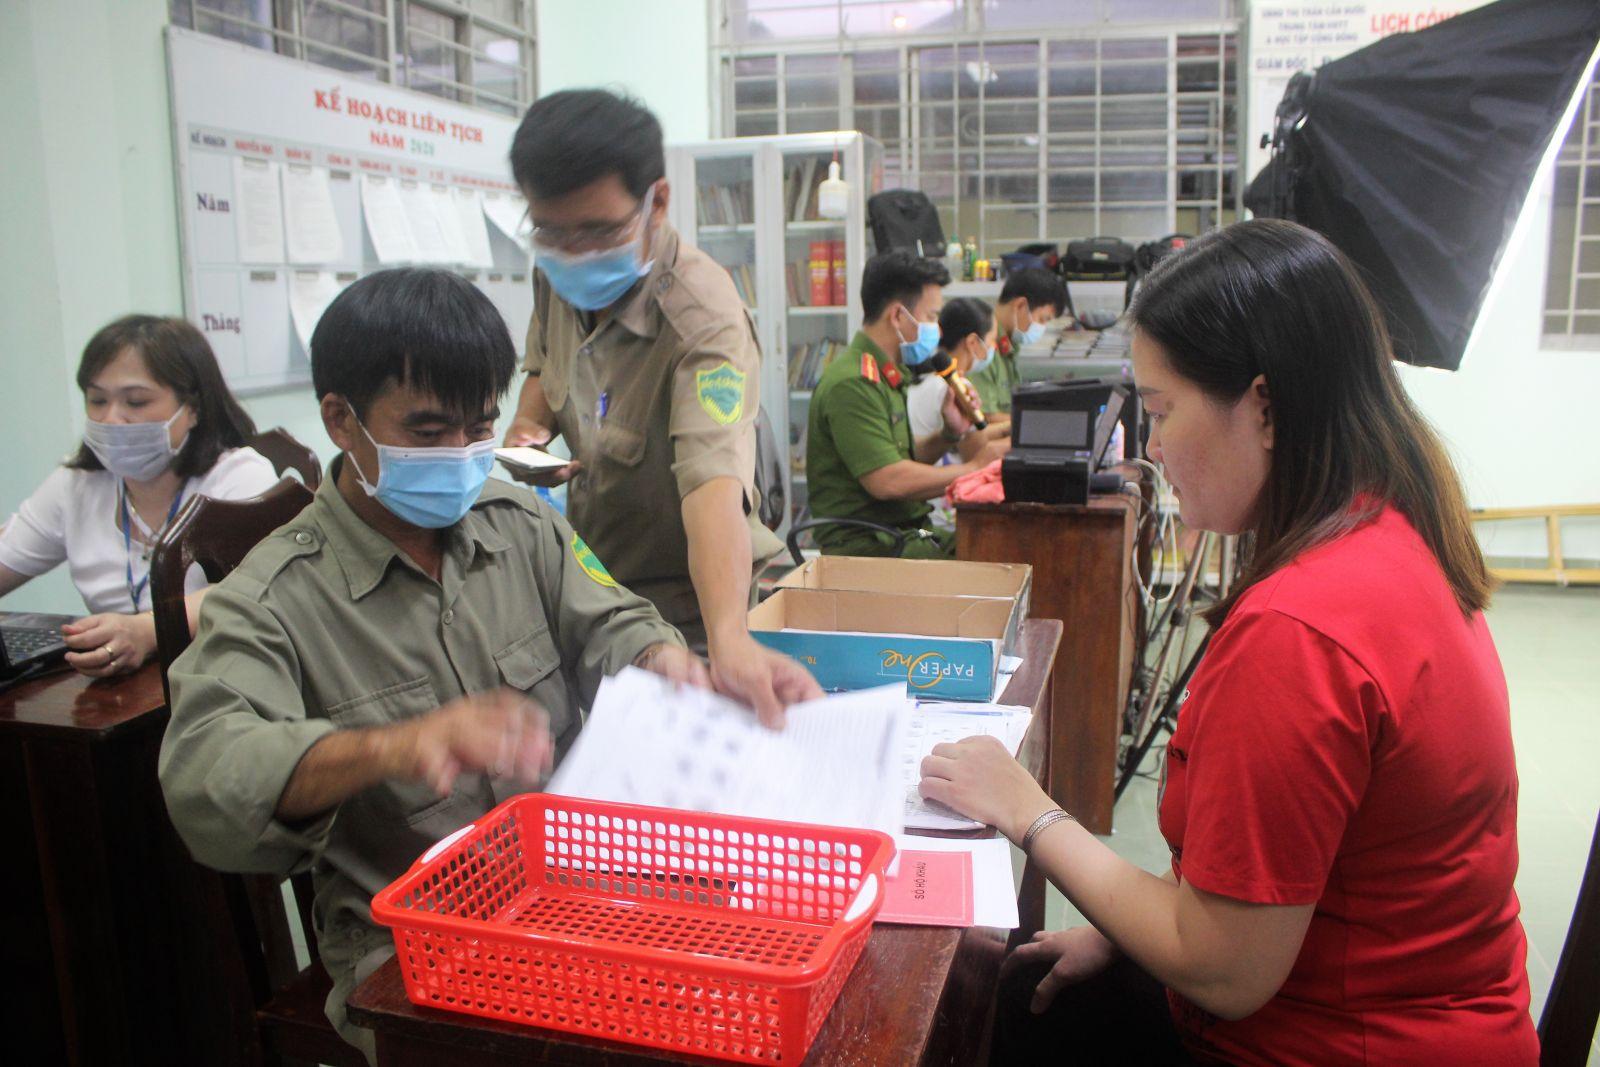 Cán bộ, chiến sĩ Công an huyện Cần Đước tận tâm hướng dẫn người dân làm căn cước công dân